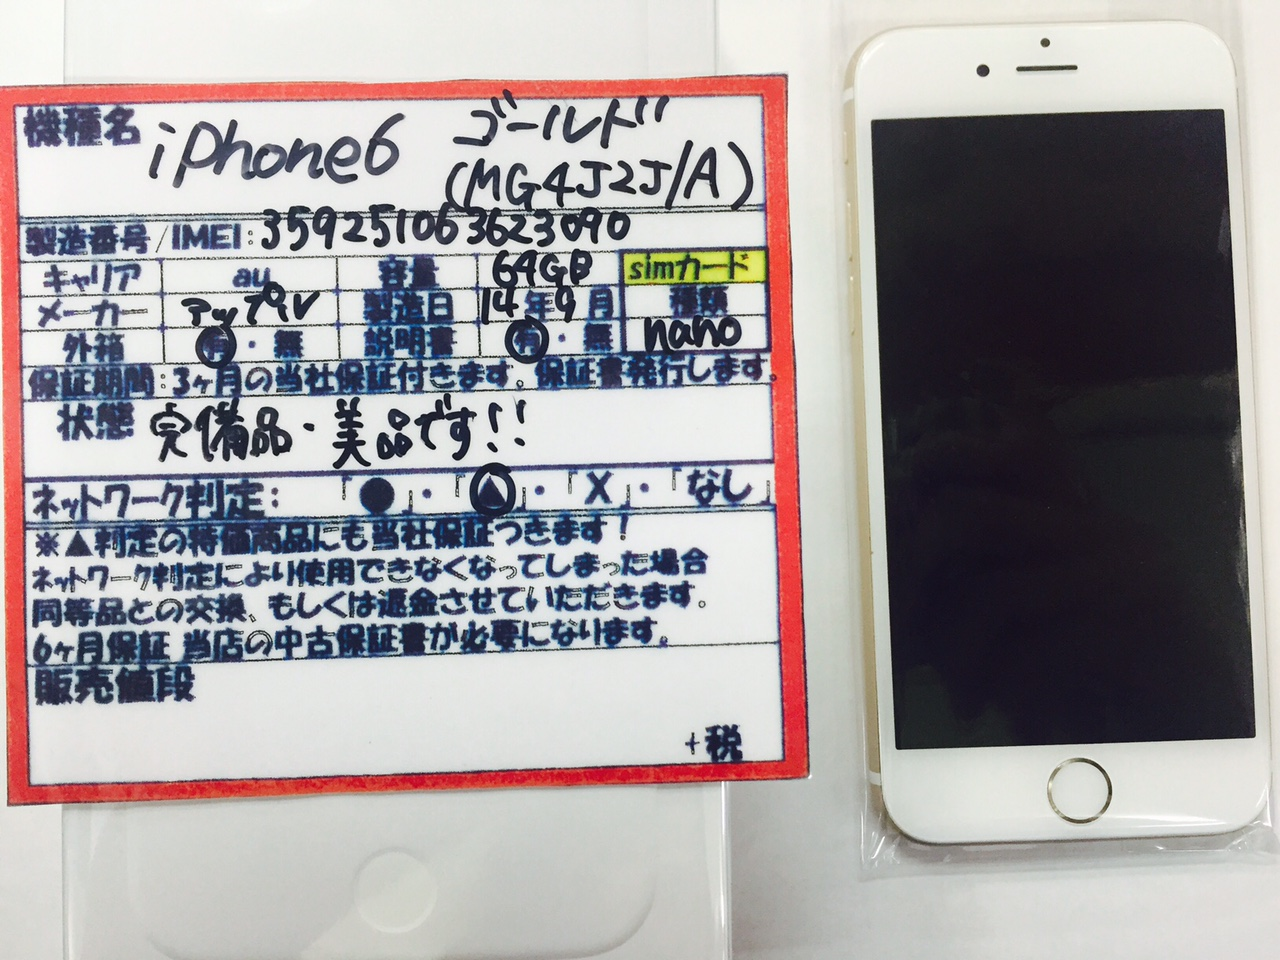 au iPhone6 64GB MG4J2J ゴールド